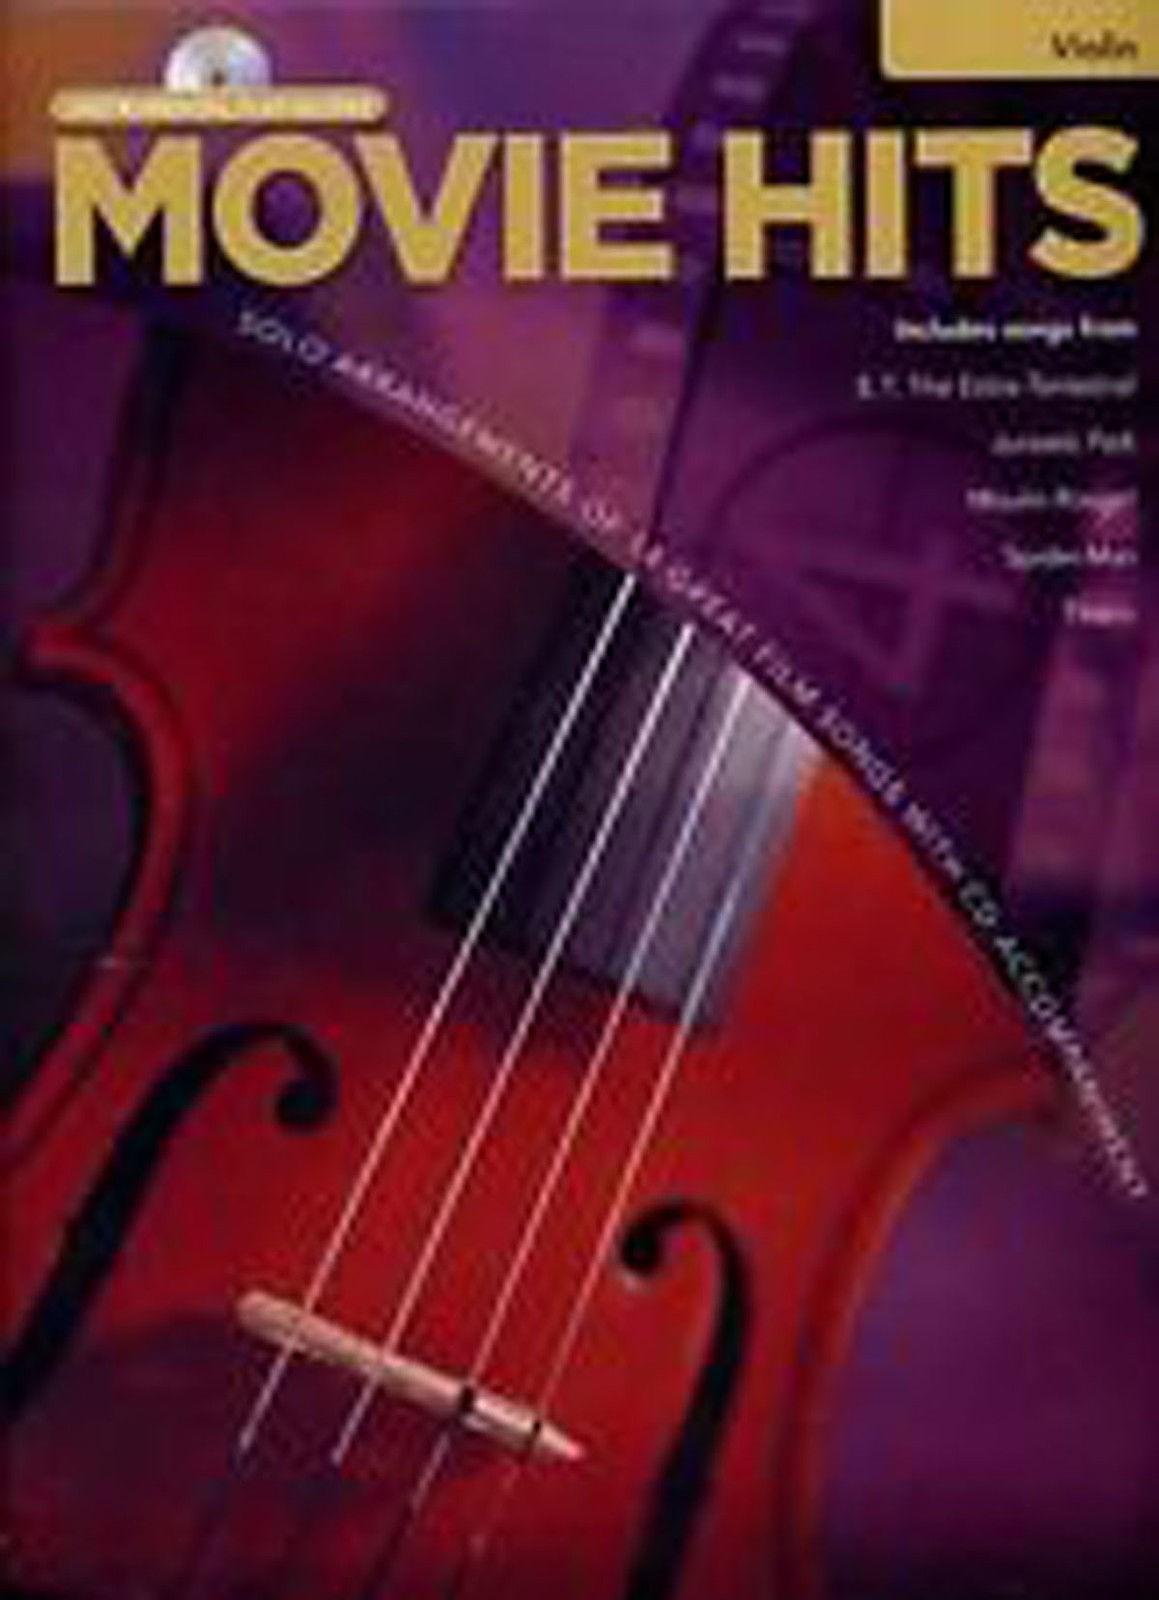 Movie Hits Instrumental Playalong Violin Book CD Sheet Music B62